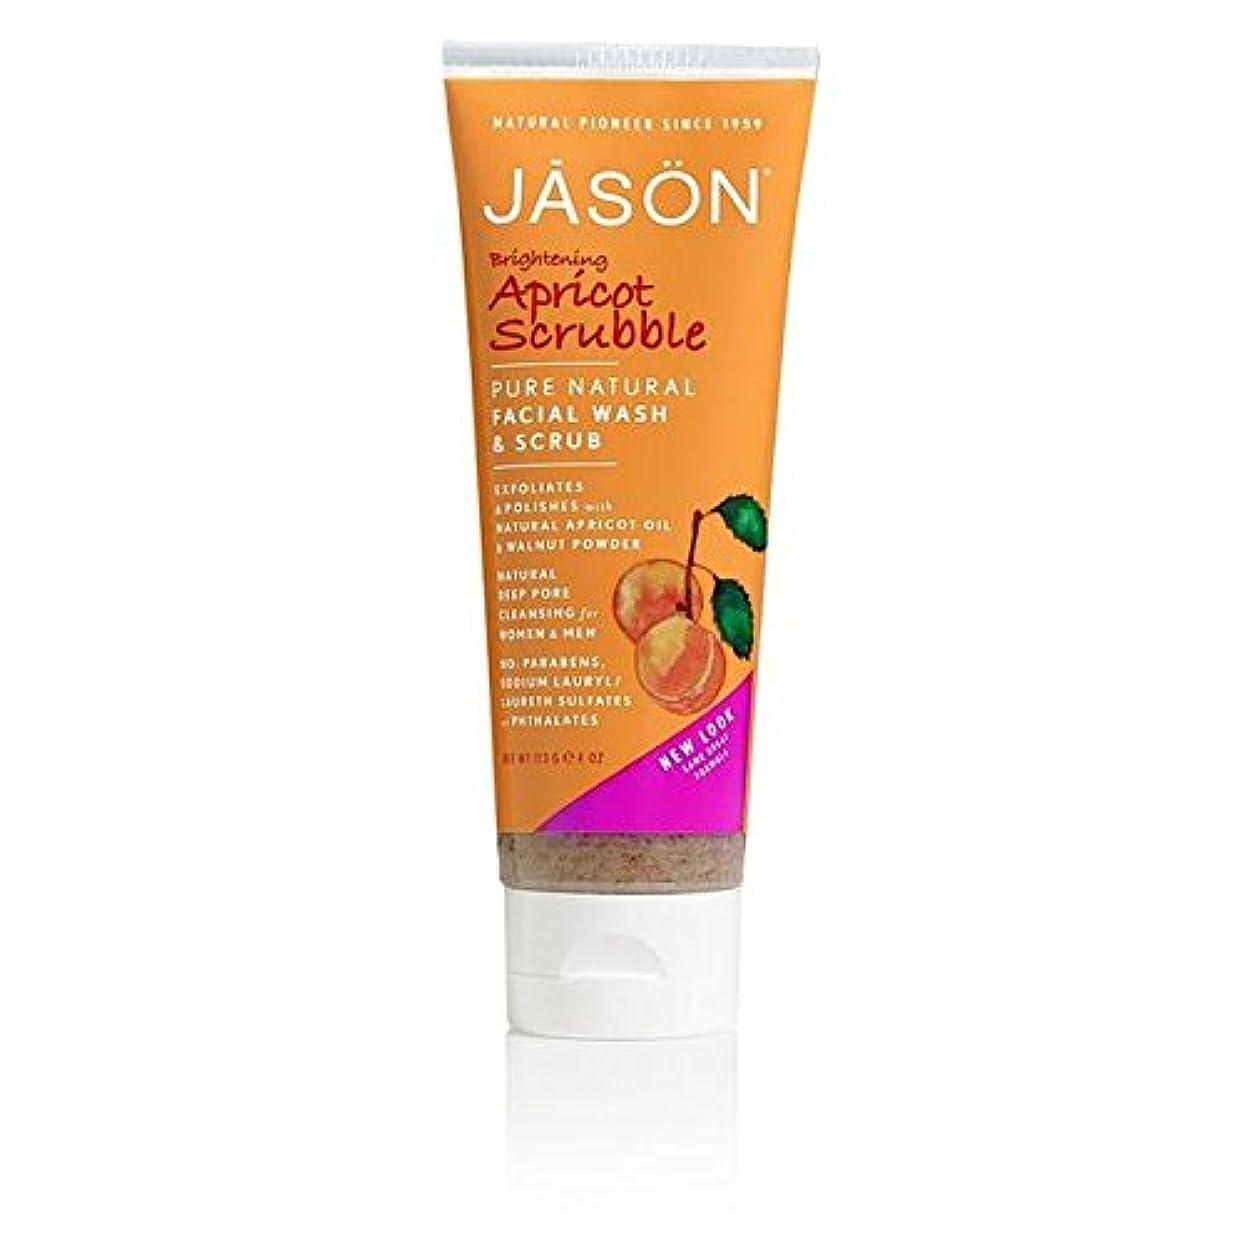 投票ご意見スズメバチジェイソン?アプリコット洗顔&スクラブ128ミリリットル x2 - Jason Apricot Facial Wash & Scrub 128ml (Pack of 2) [並行輸入品]